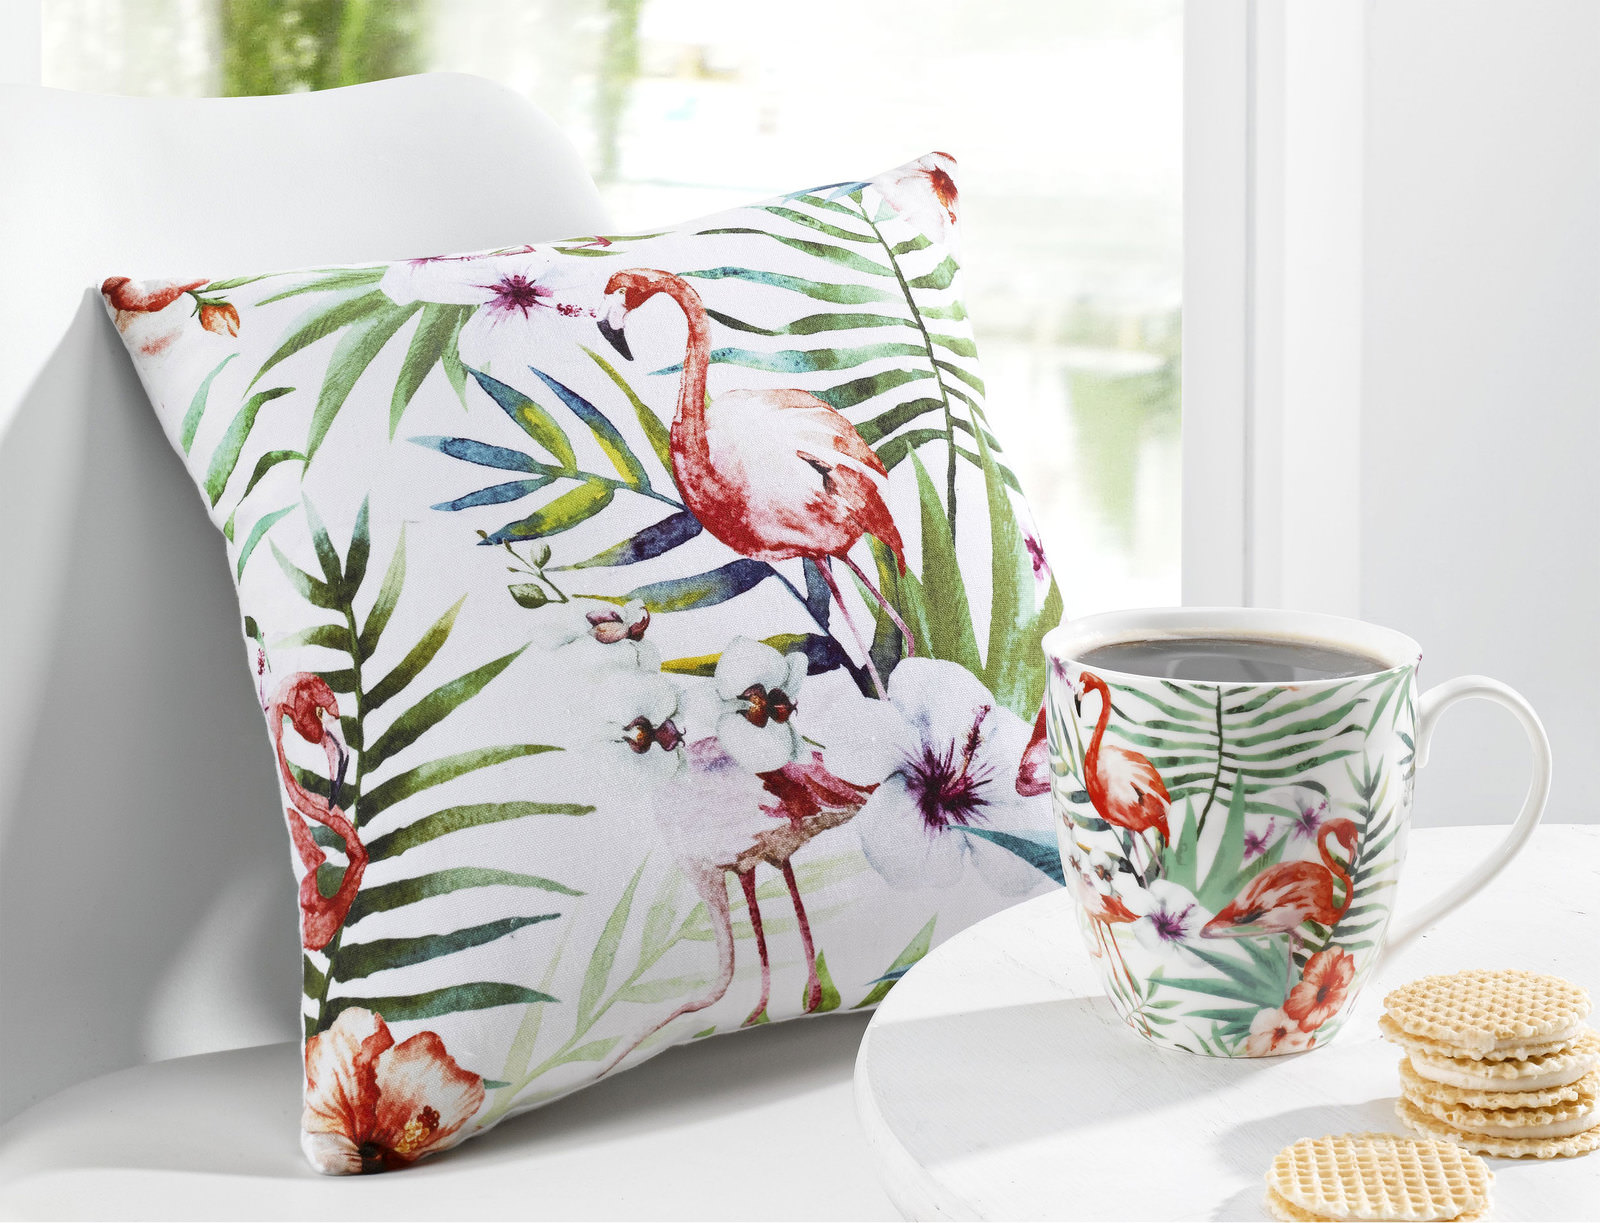 kissen flamingo bunt online entdecken schaffrath ihr m belhaus. Black Bedroom Furniture Sets. Home Design Ideas